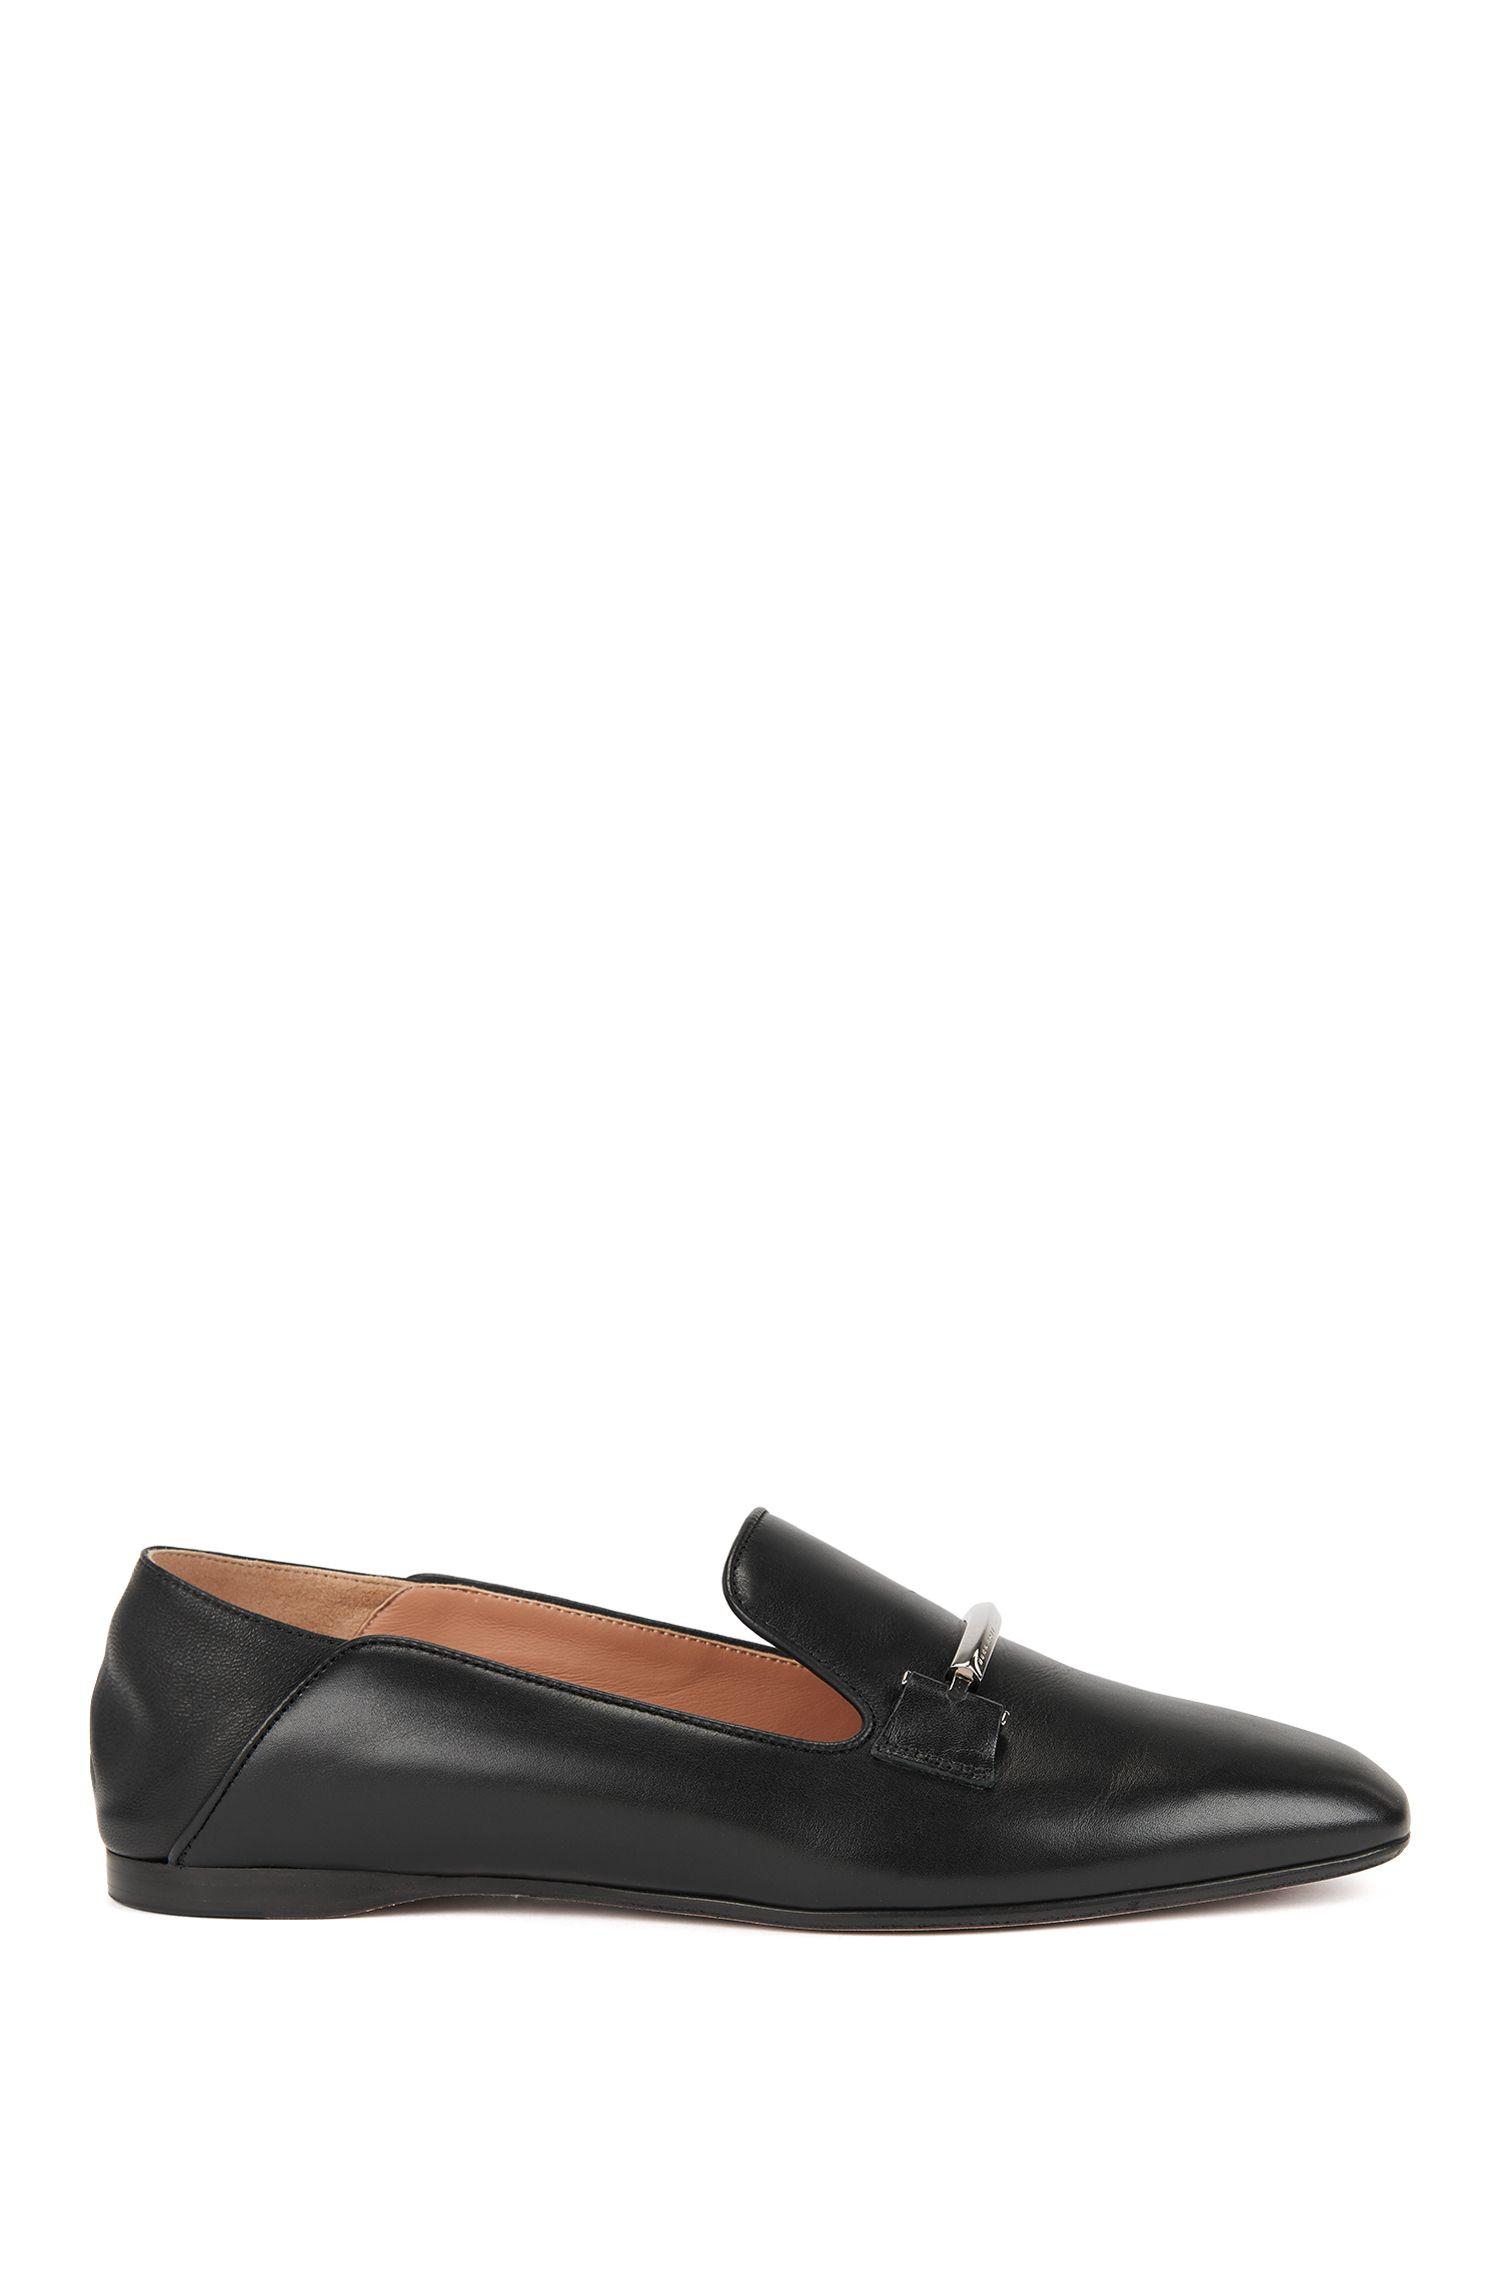 Loafer aus Leder mit umklappbarer Ferse